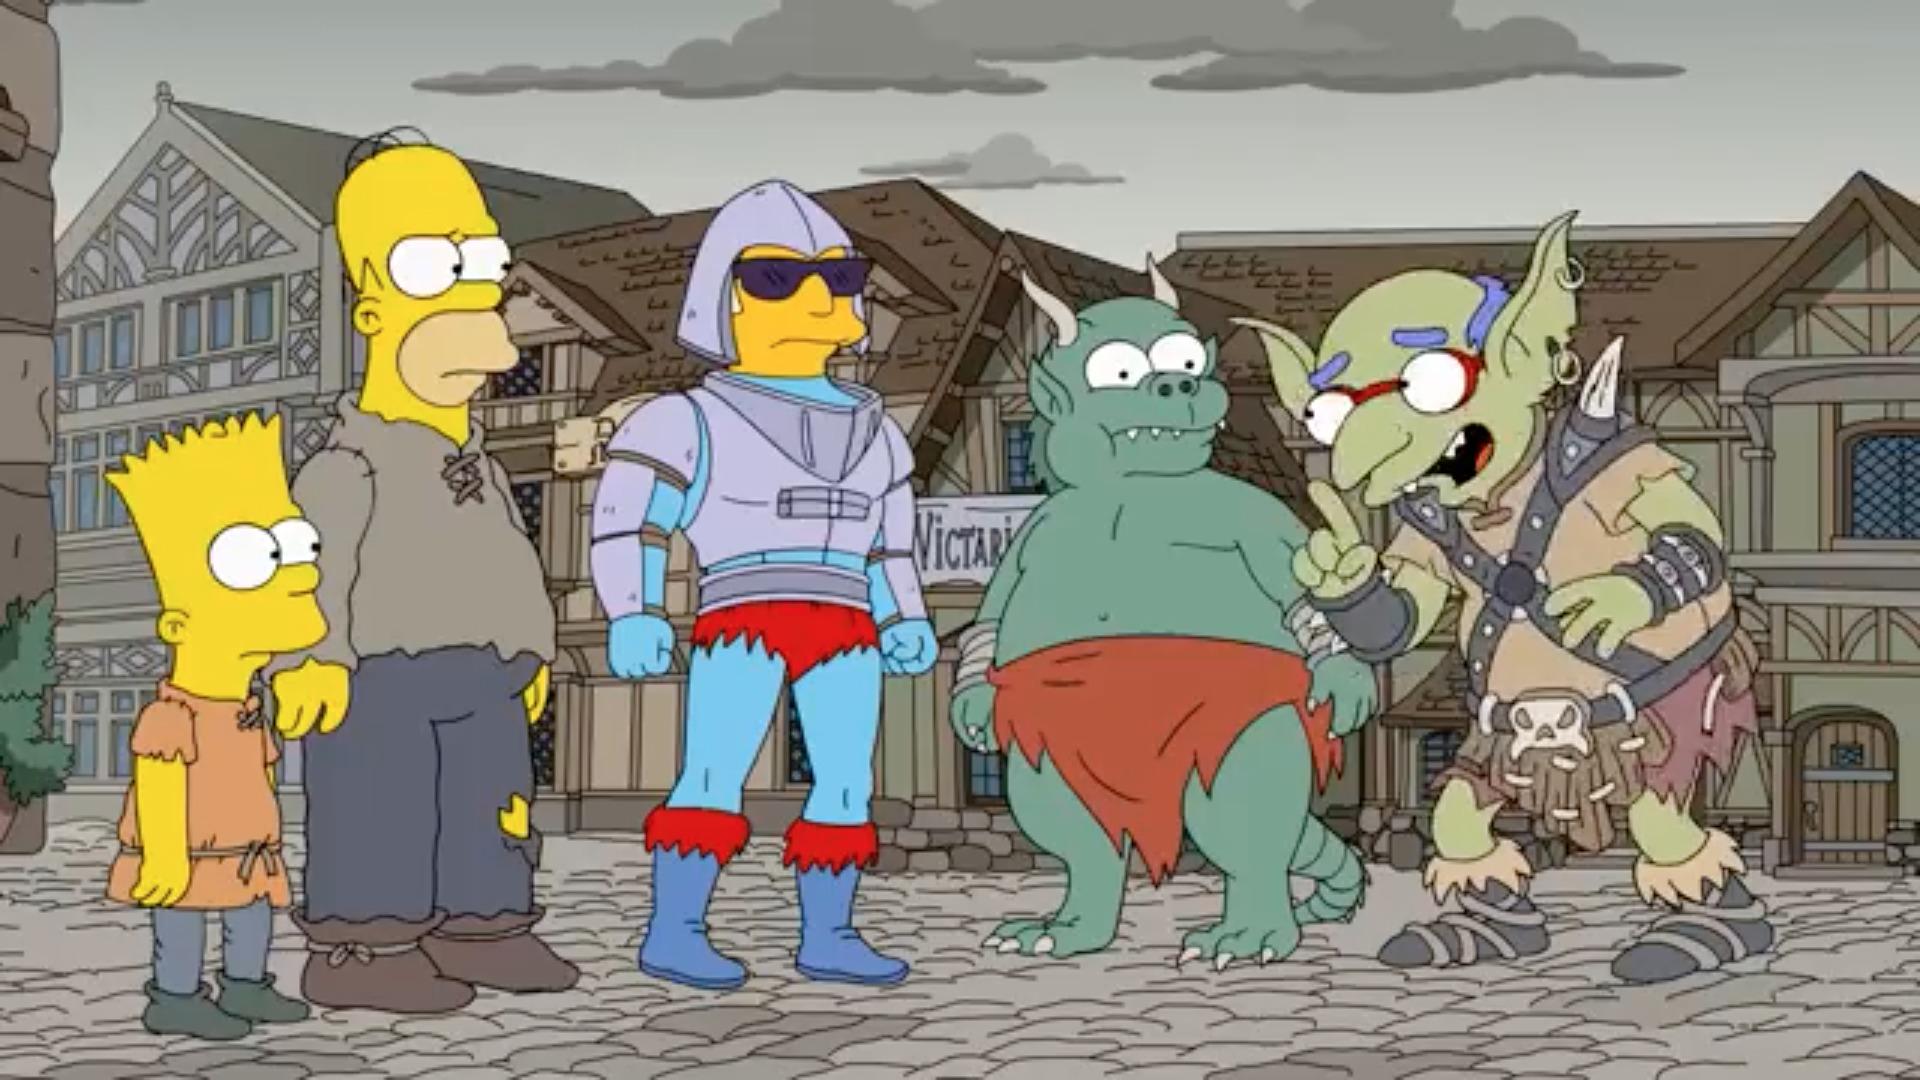 Los Simpson criaturas sobrenaturales